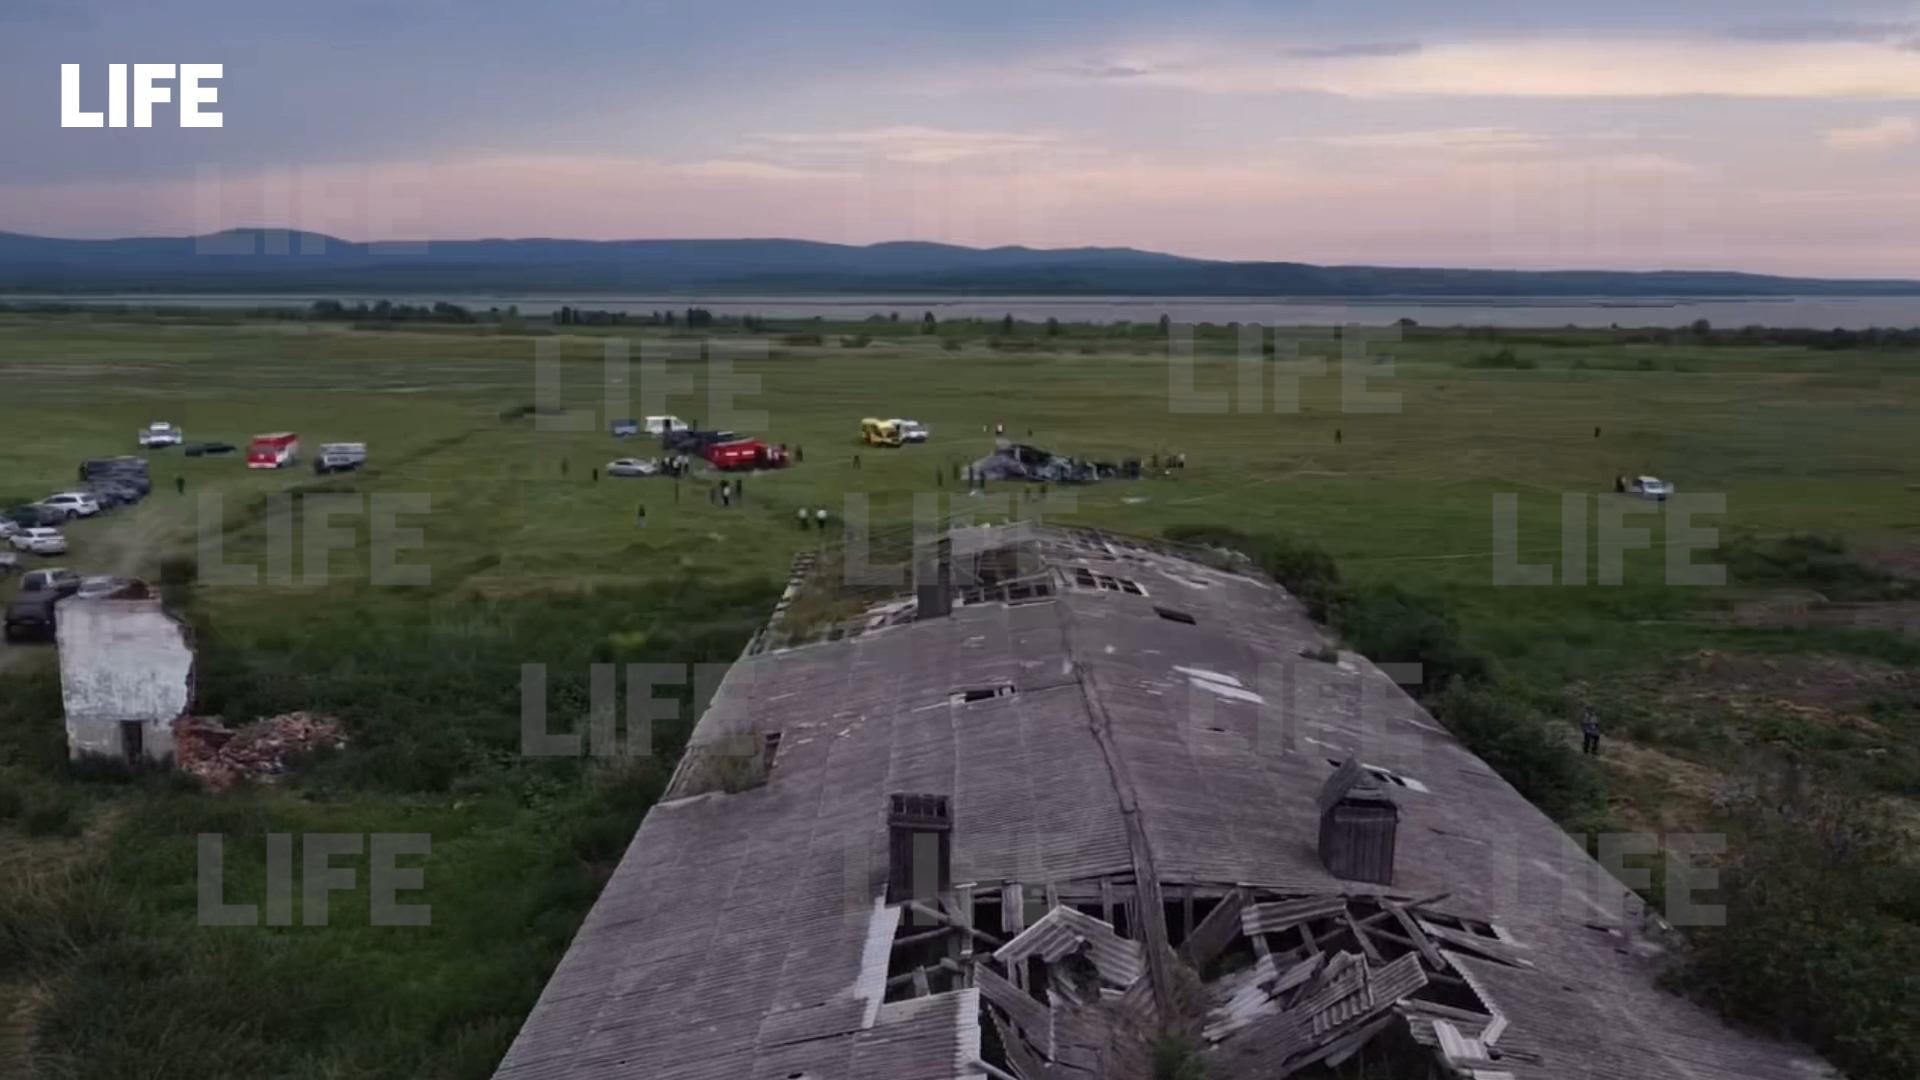 Лайф узнал о состоянии попавших в реанимацию после крушения самолёта в Кузбассе